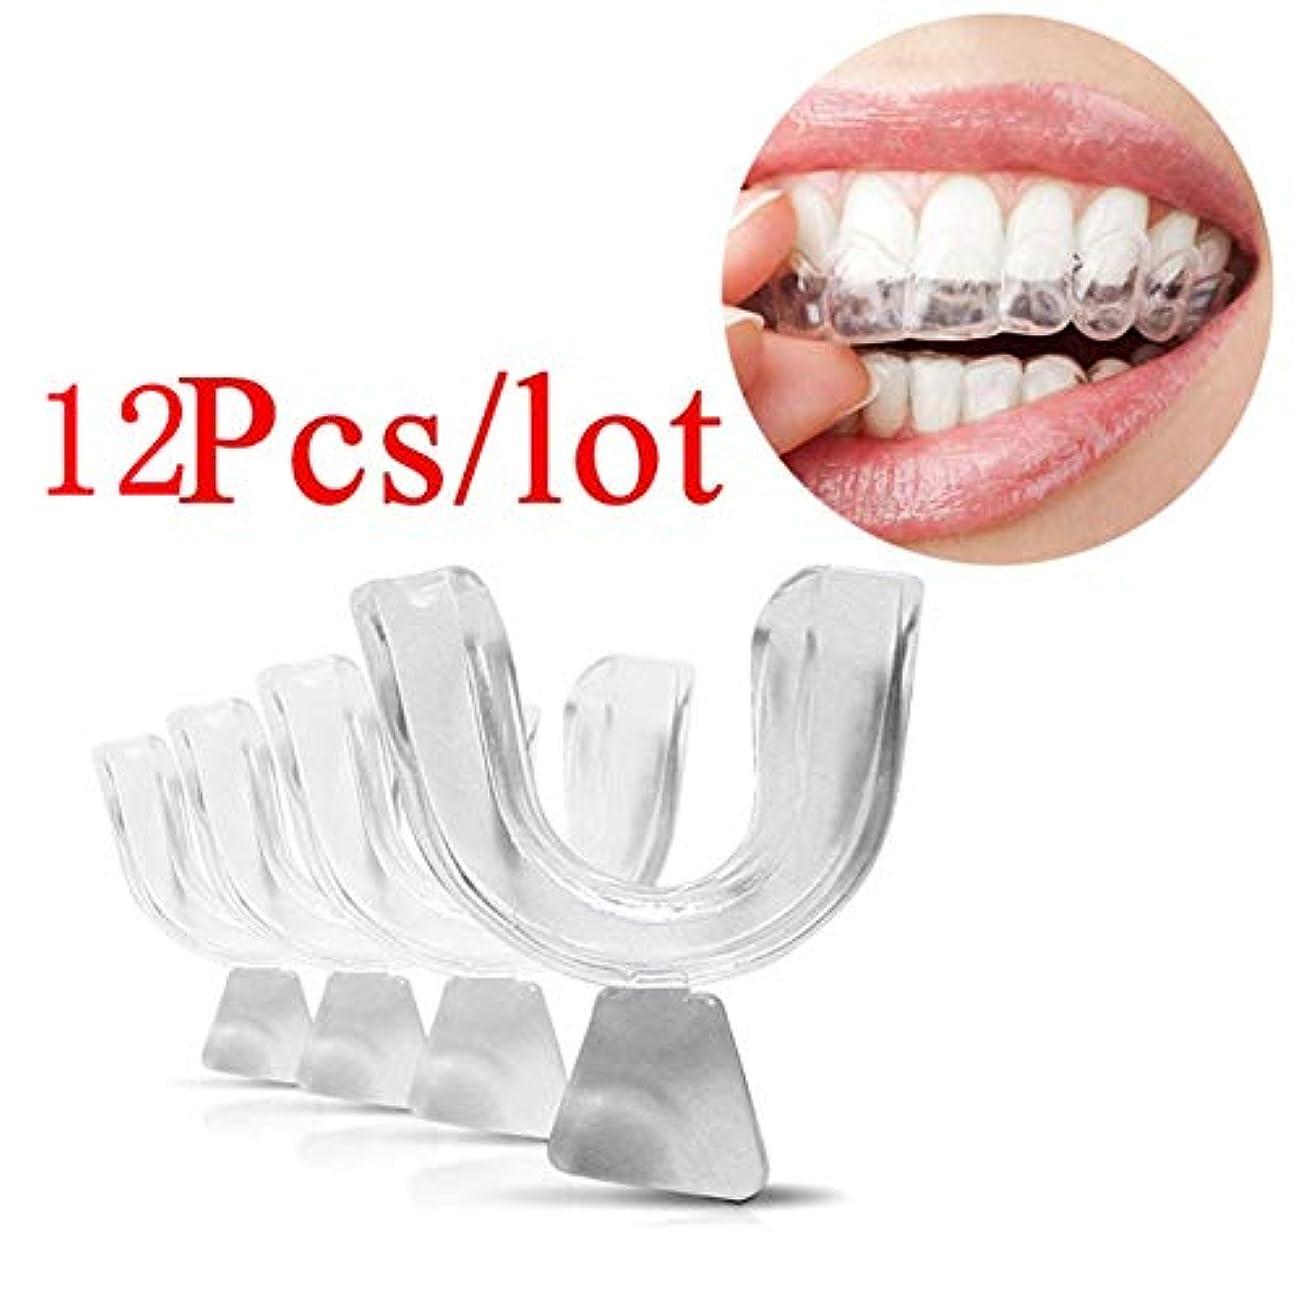 グリル下着原子12Pcs 食品等級を白くする口の皿の透明なThermoformの成形可能な歯科歯の口の歯